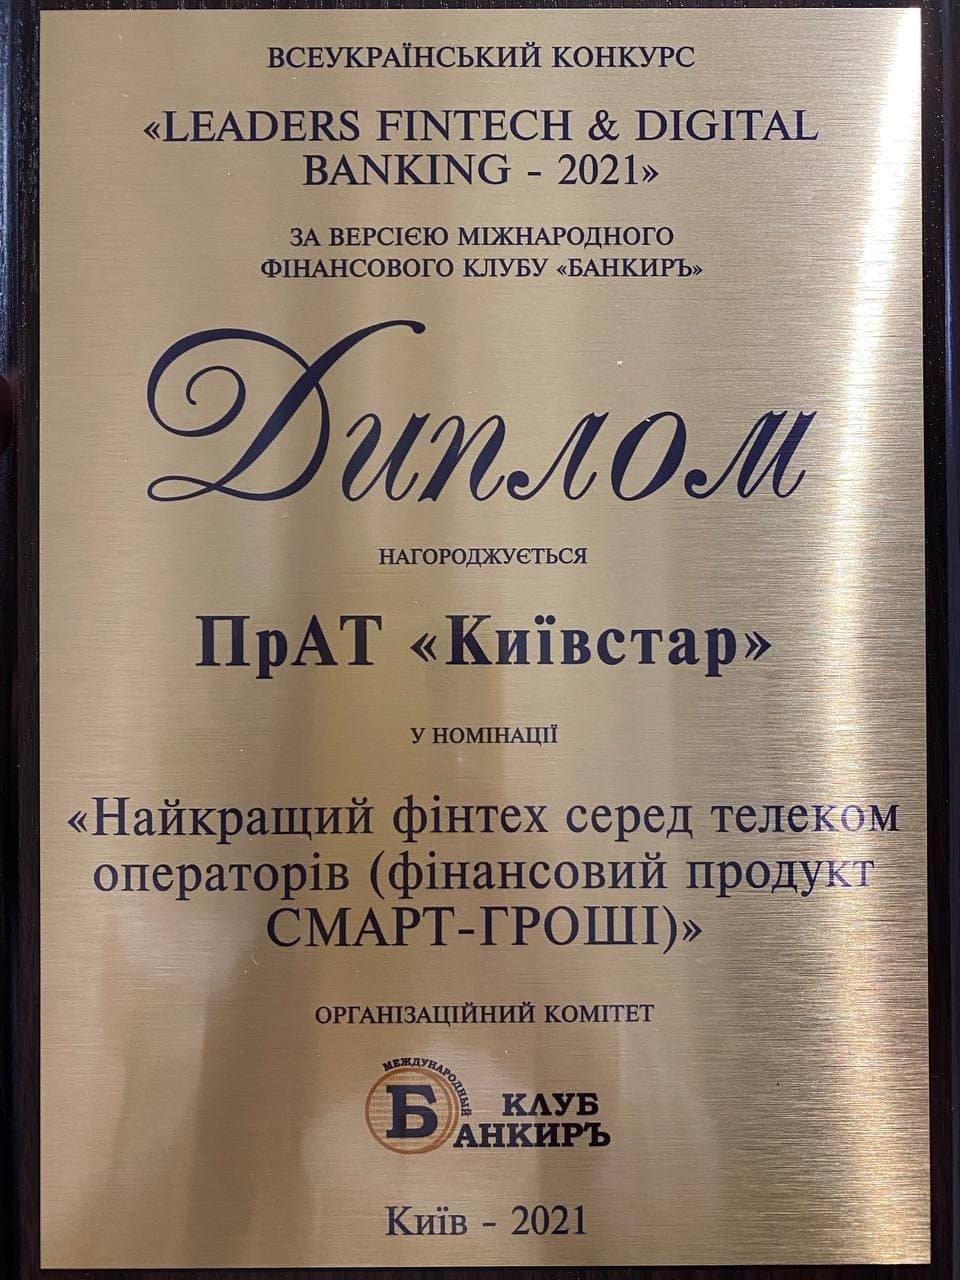 Київстар отримав нагороду за кращий фінансовий сервіс від Міжнародного Клубу